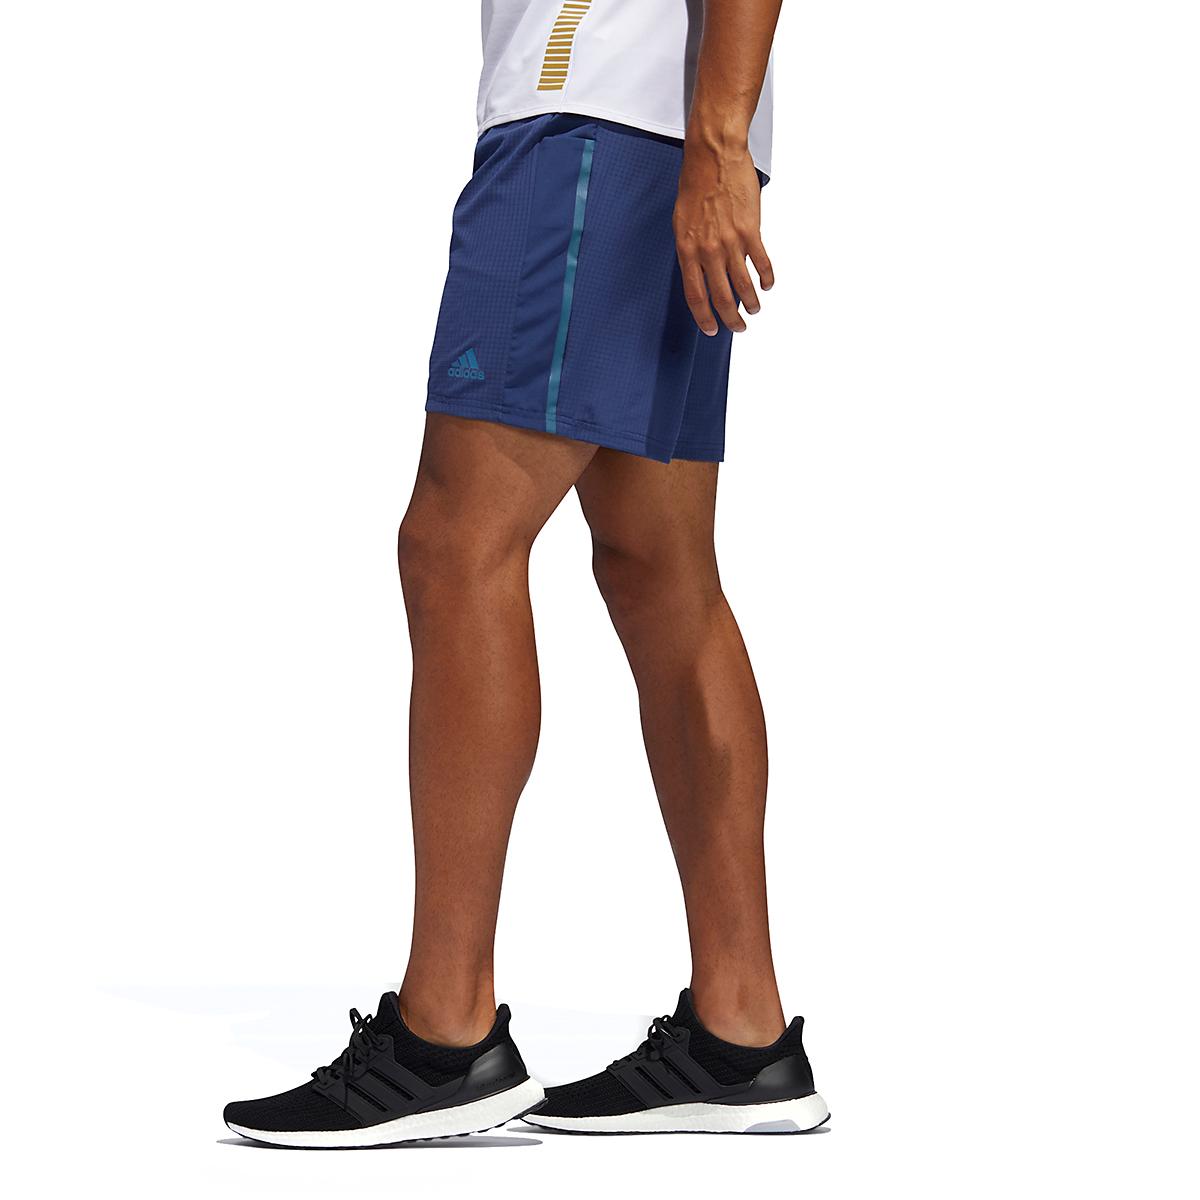 Men's Adidas Saturday Shorts - Color: Indigo - Size: M, Indigo, large, image 3